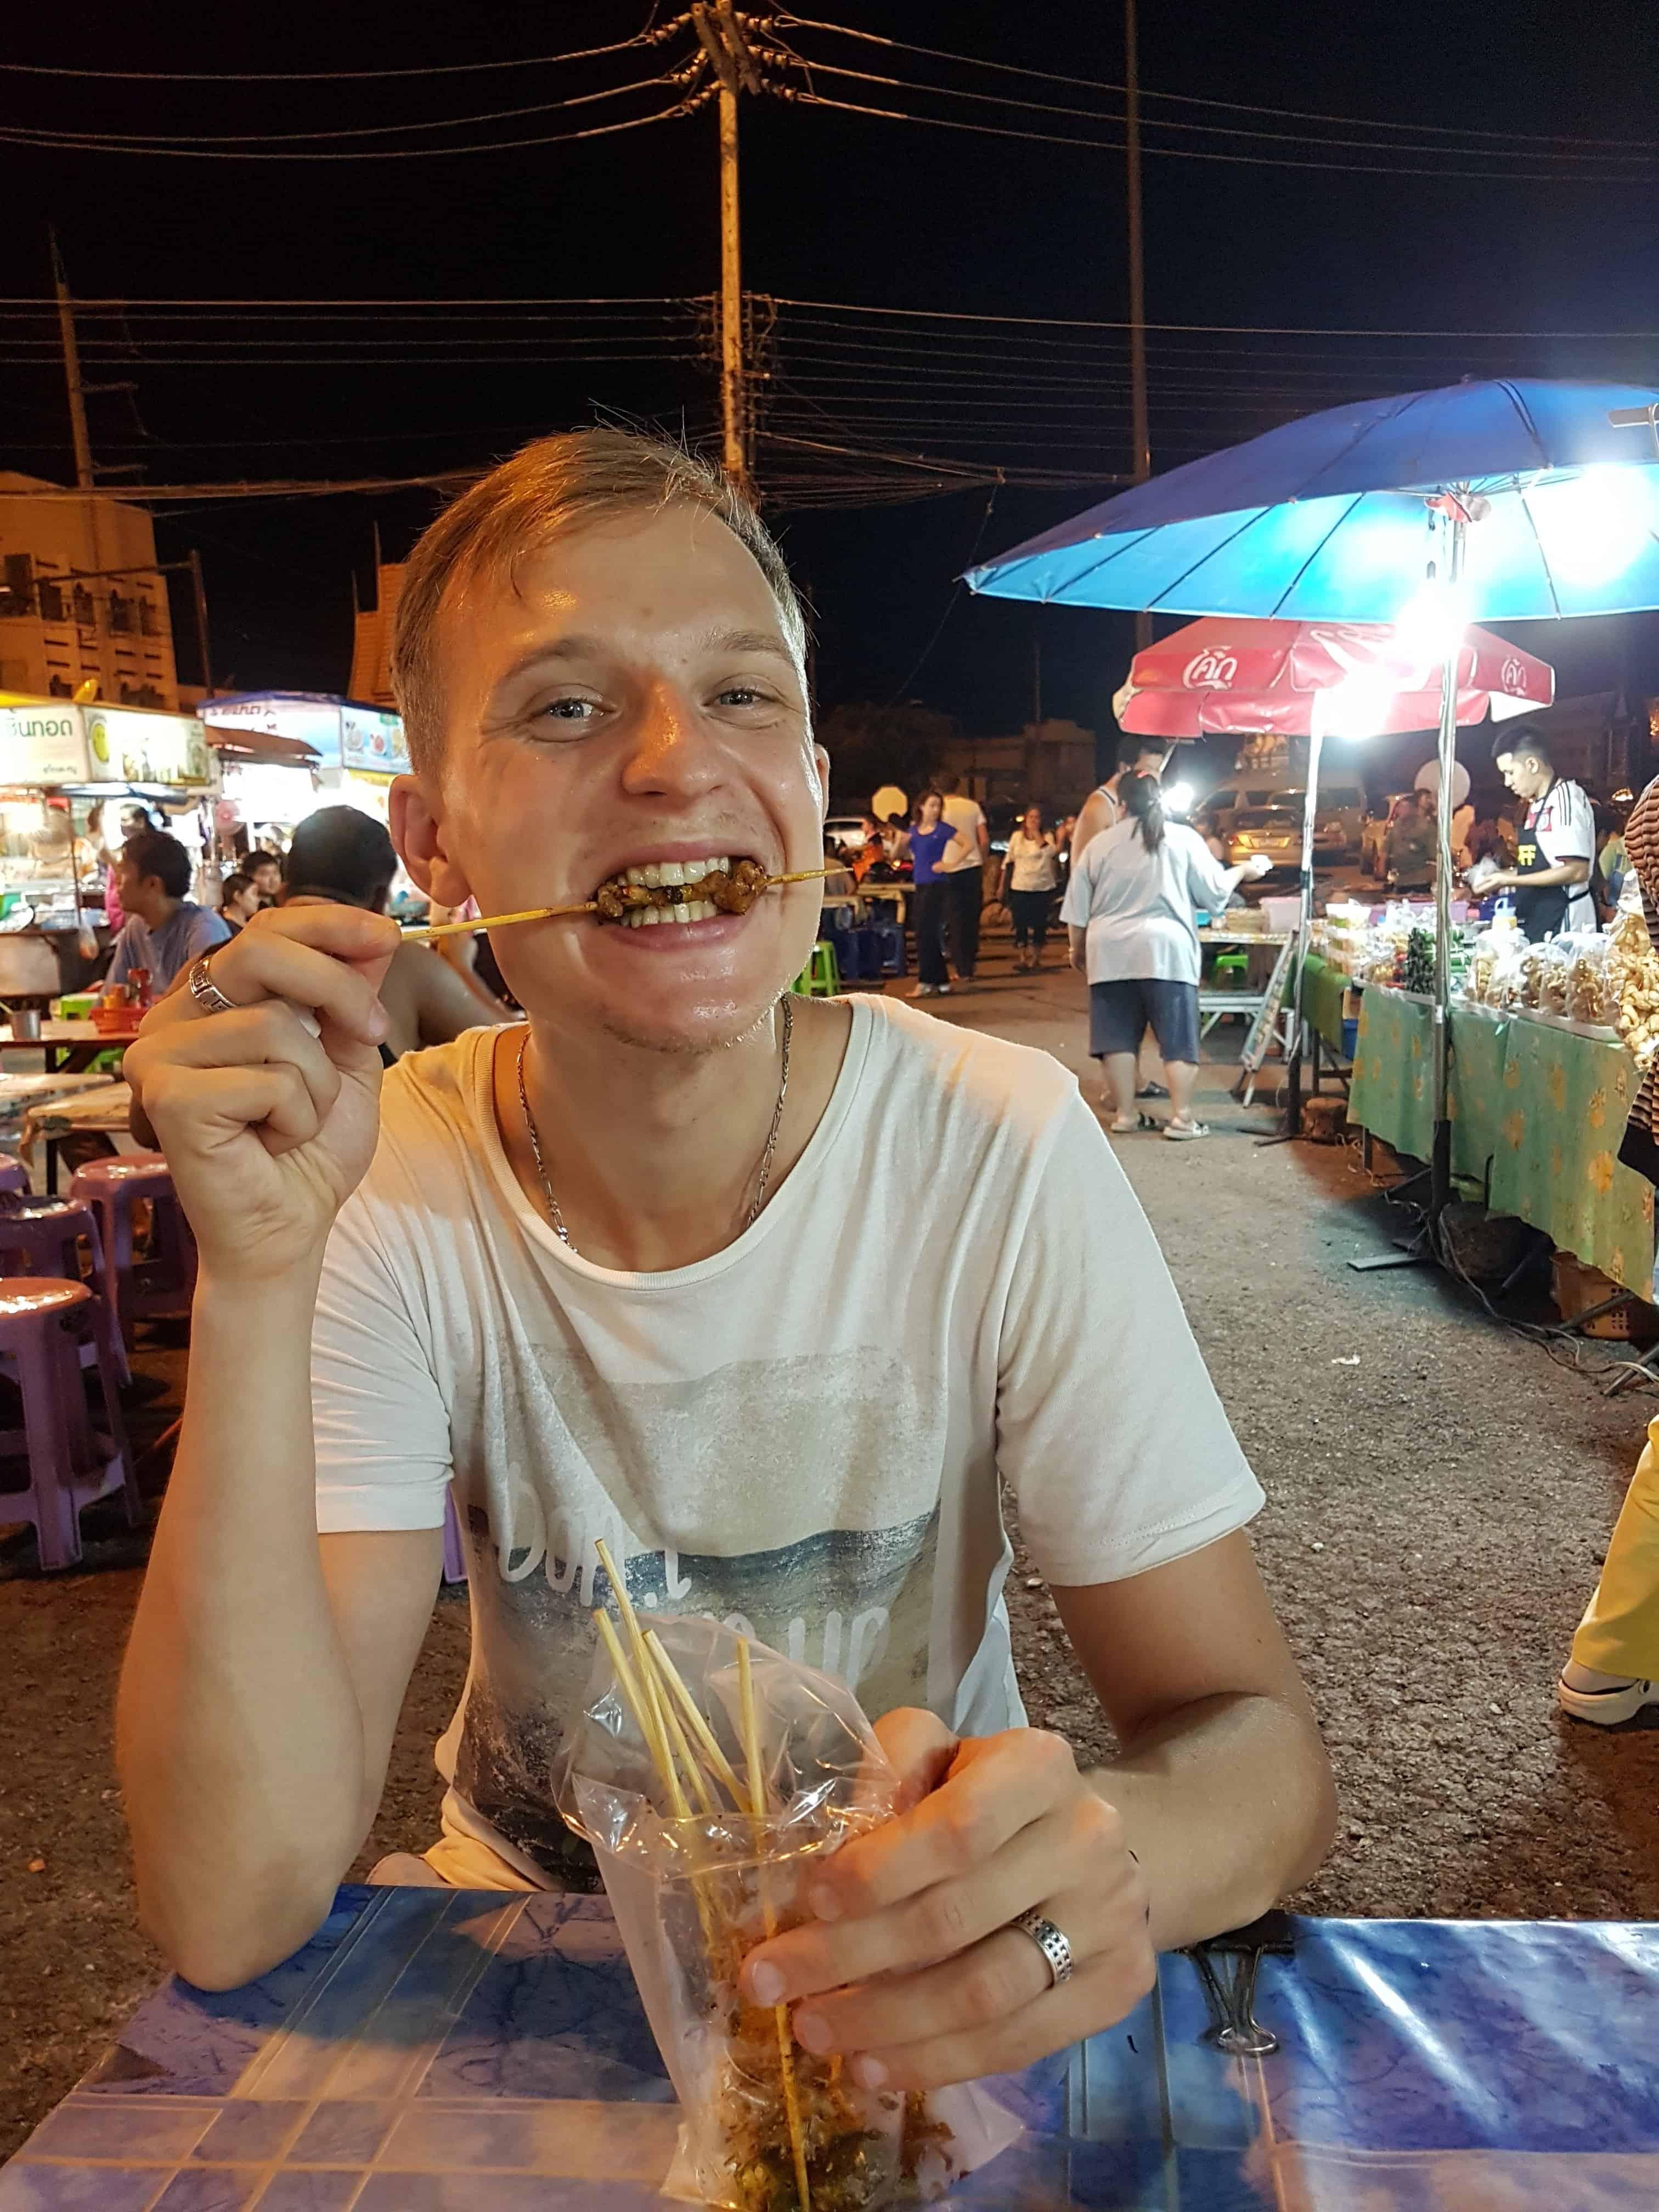 Thïlande, on quitte enfin Chiang Mai 😄 8